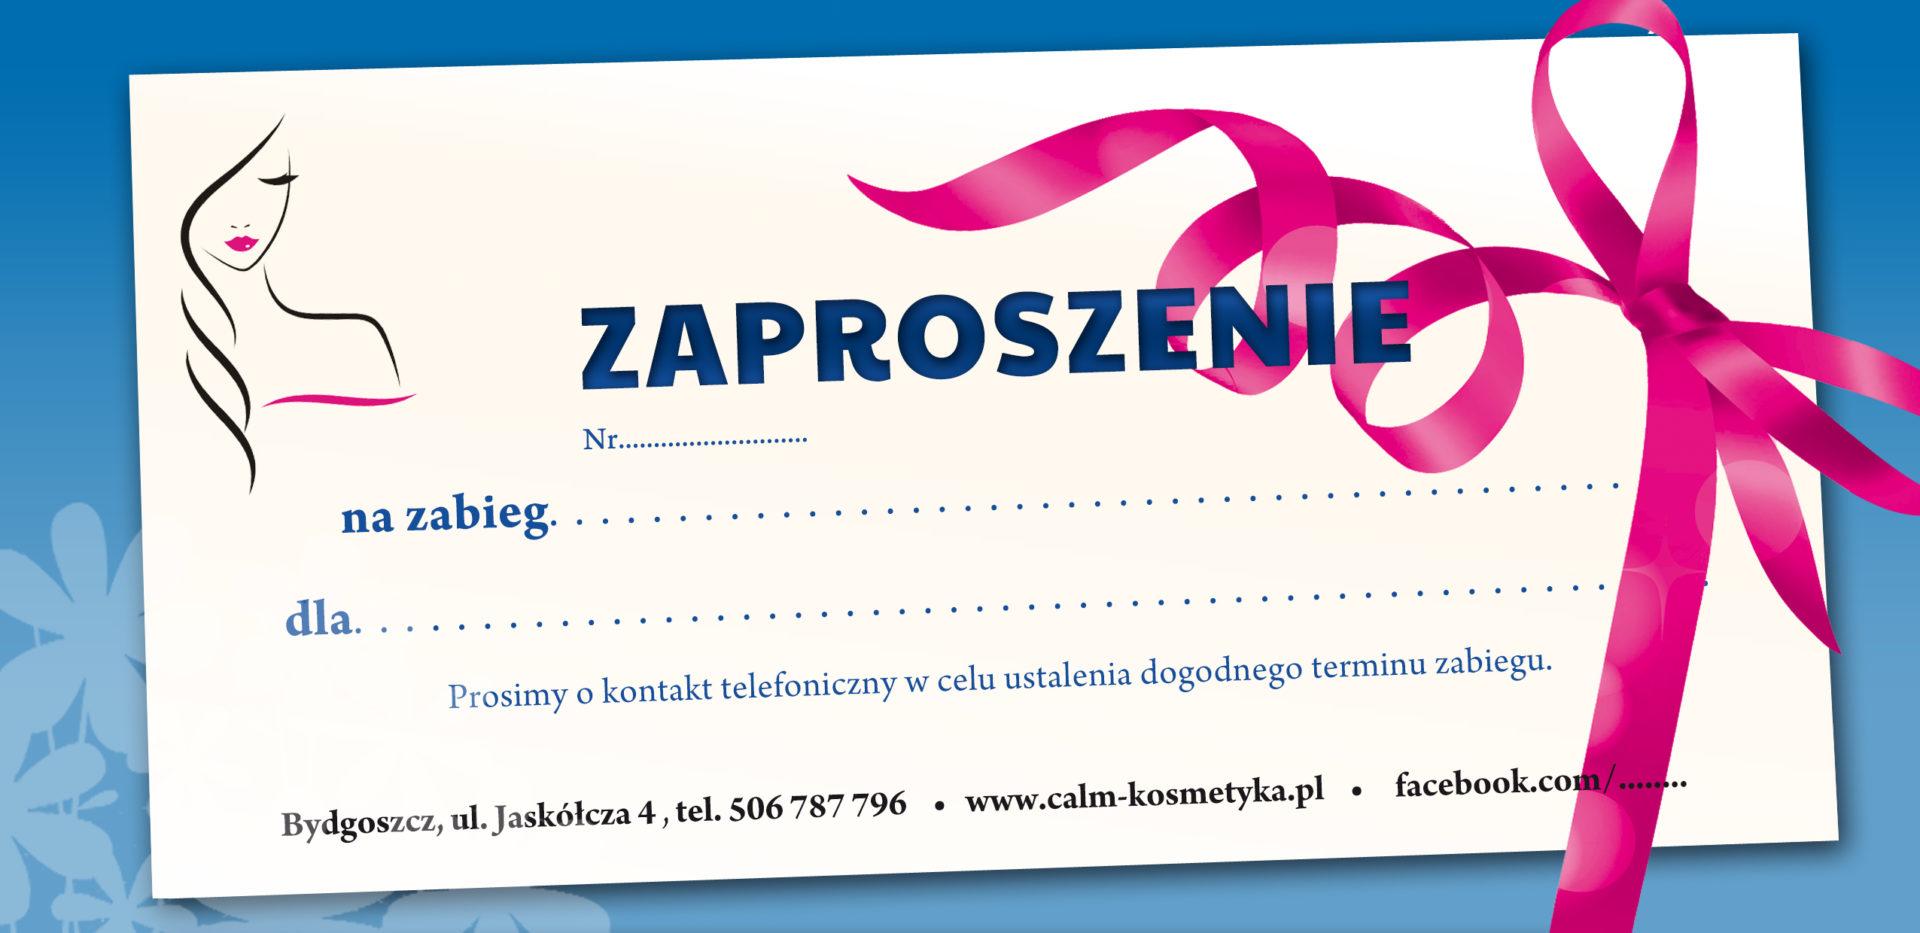 zaproszenie voucher salon kosmetyczny bydgoszcz kosmetyczka Monika Sulecka